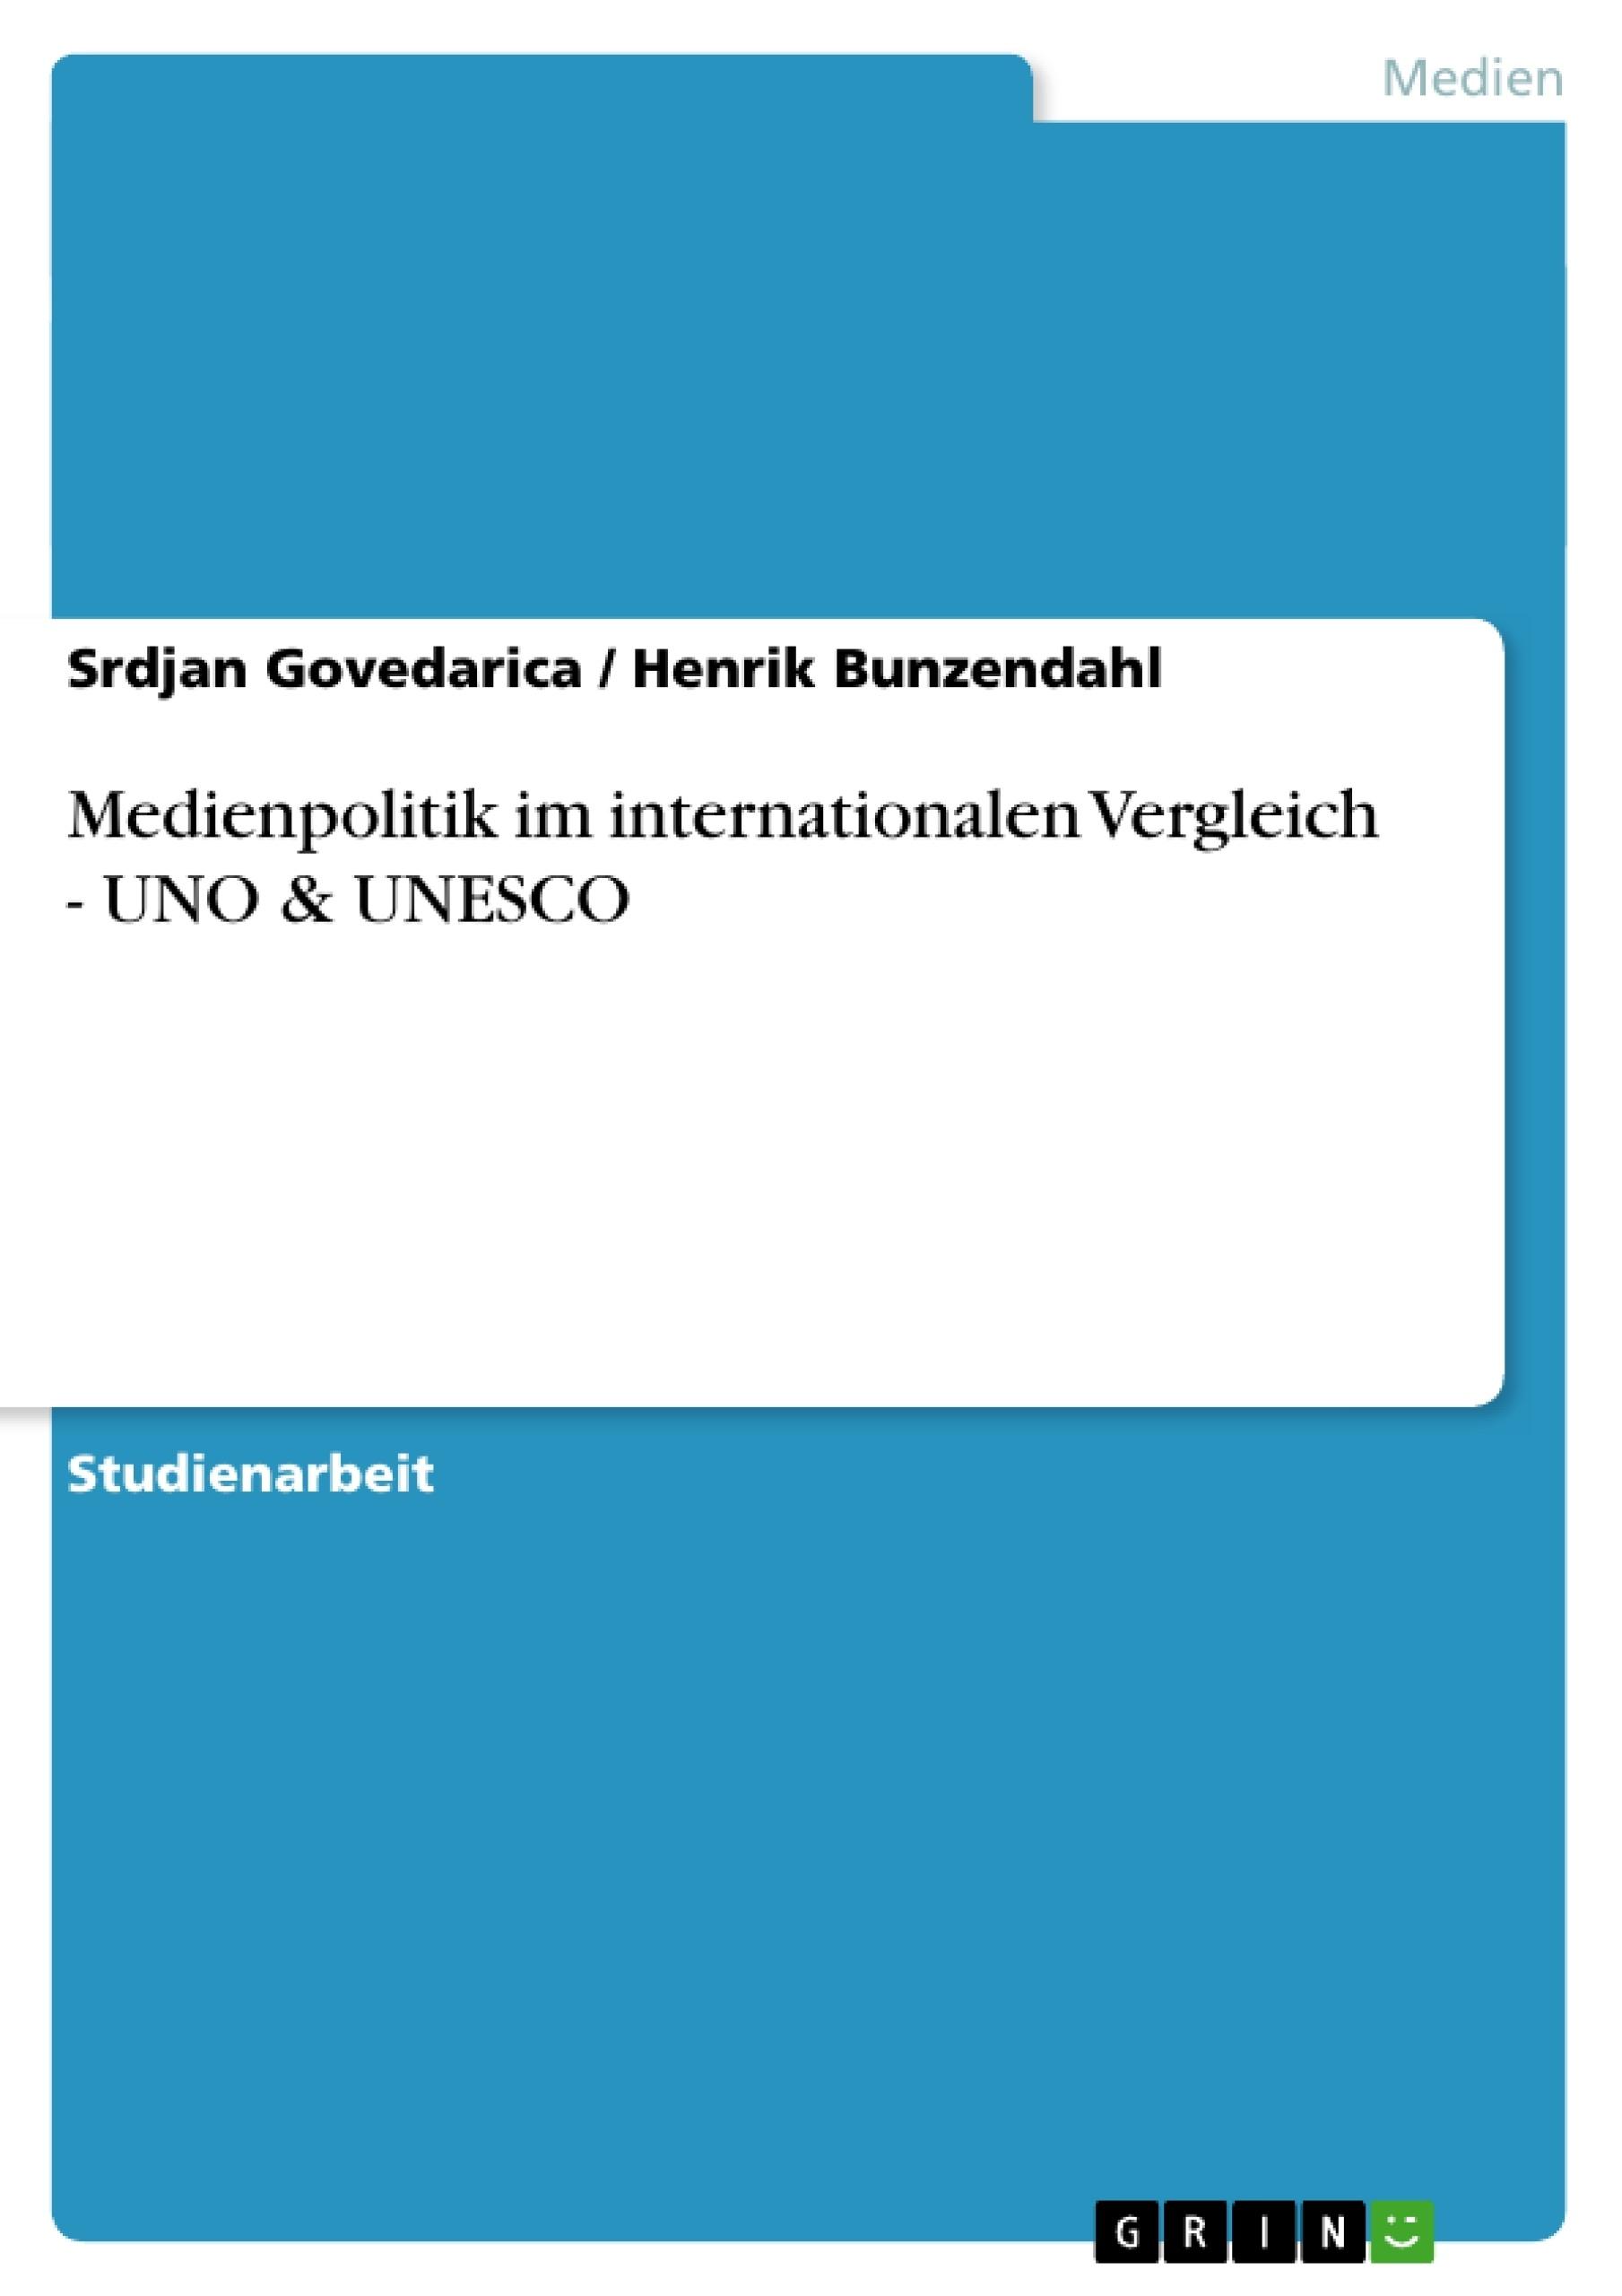 Titel: Medienpolitik im internationalen Vergleich - UNO & UNESCO